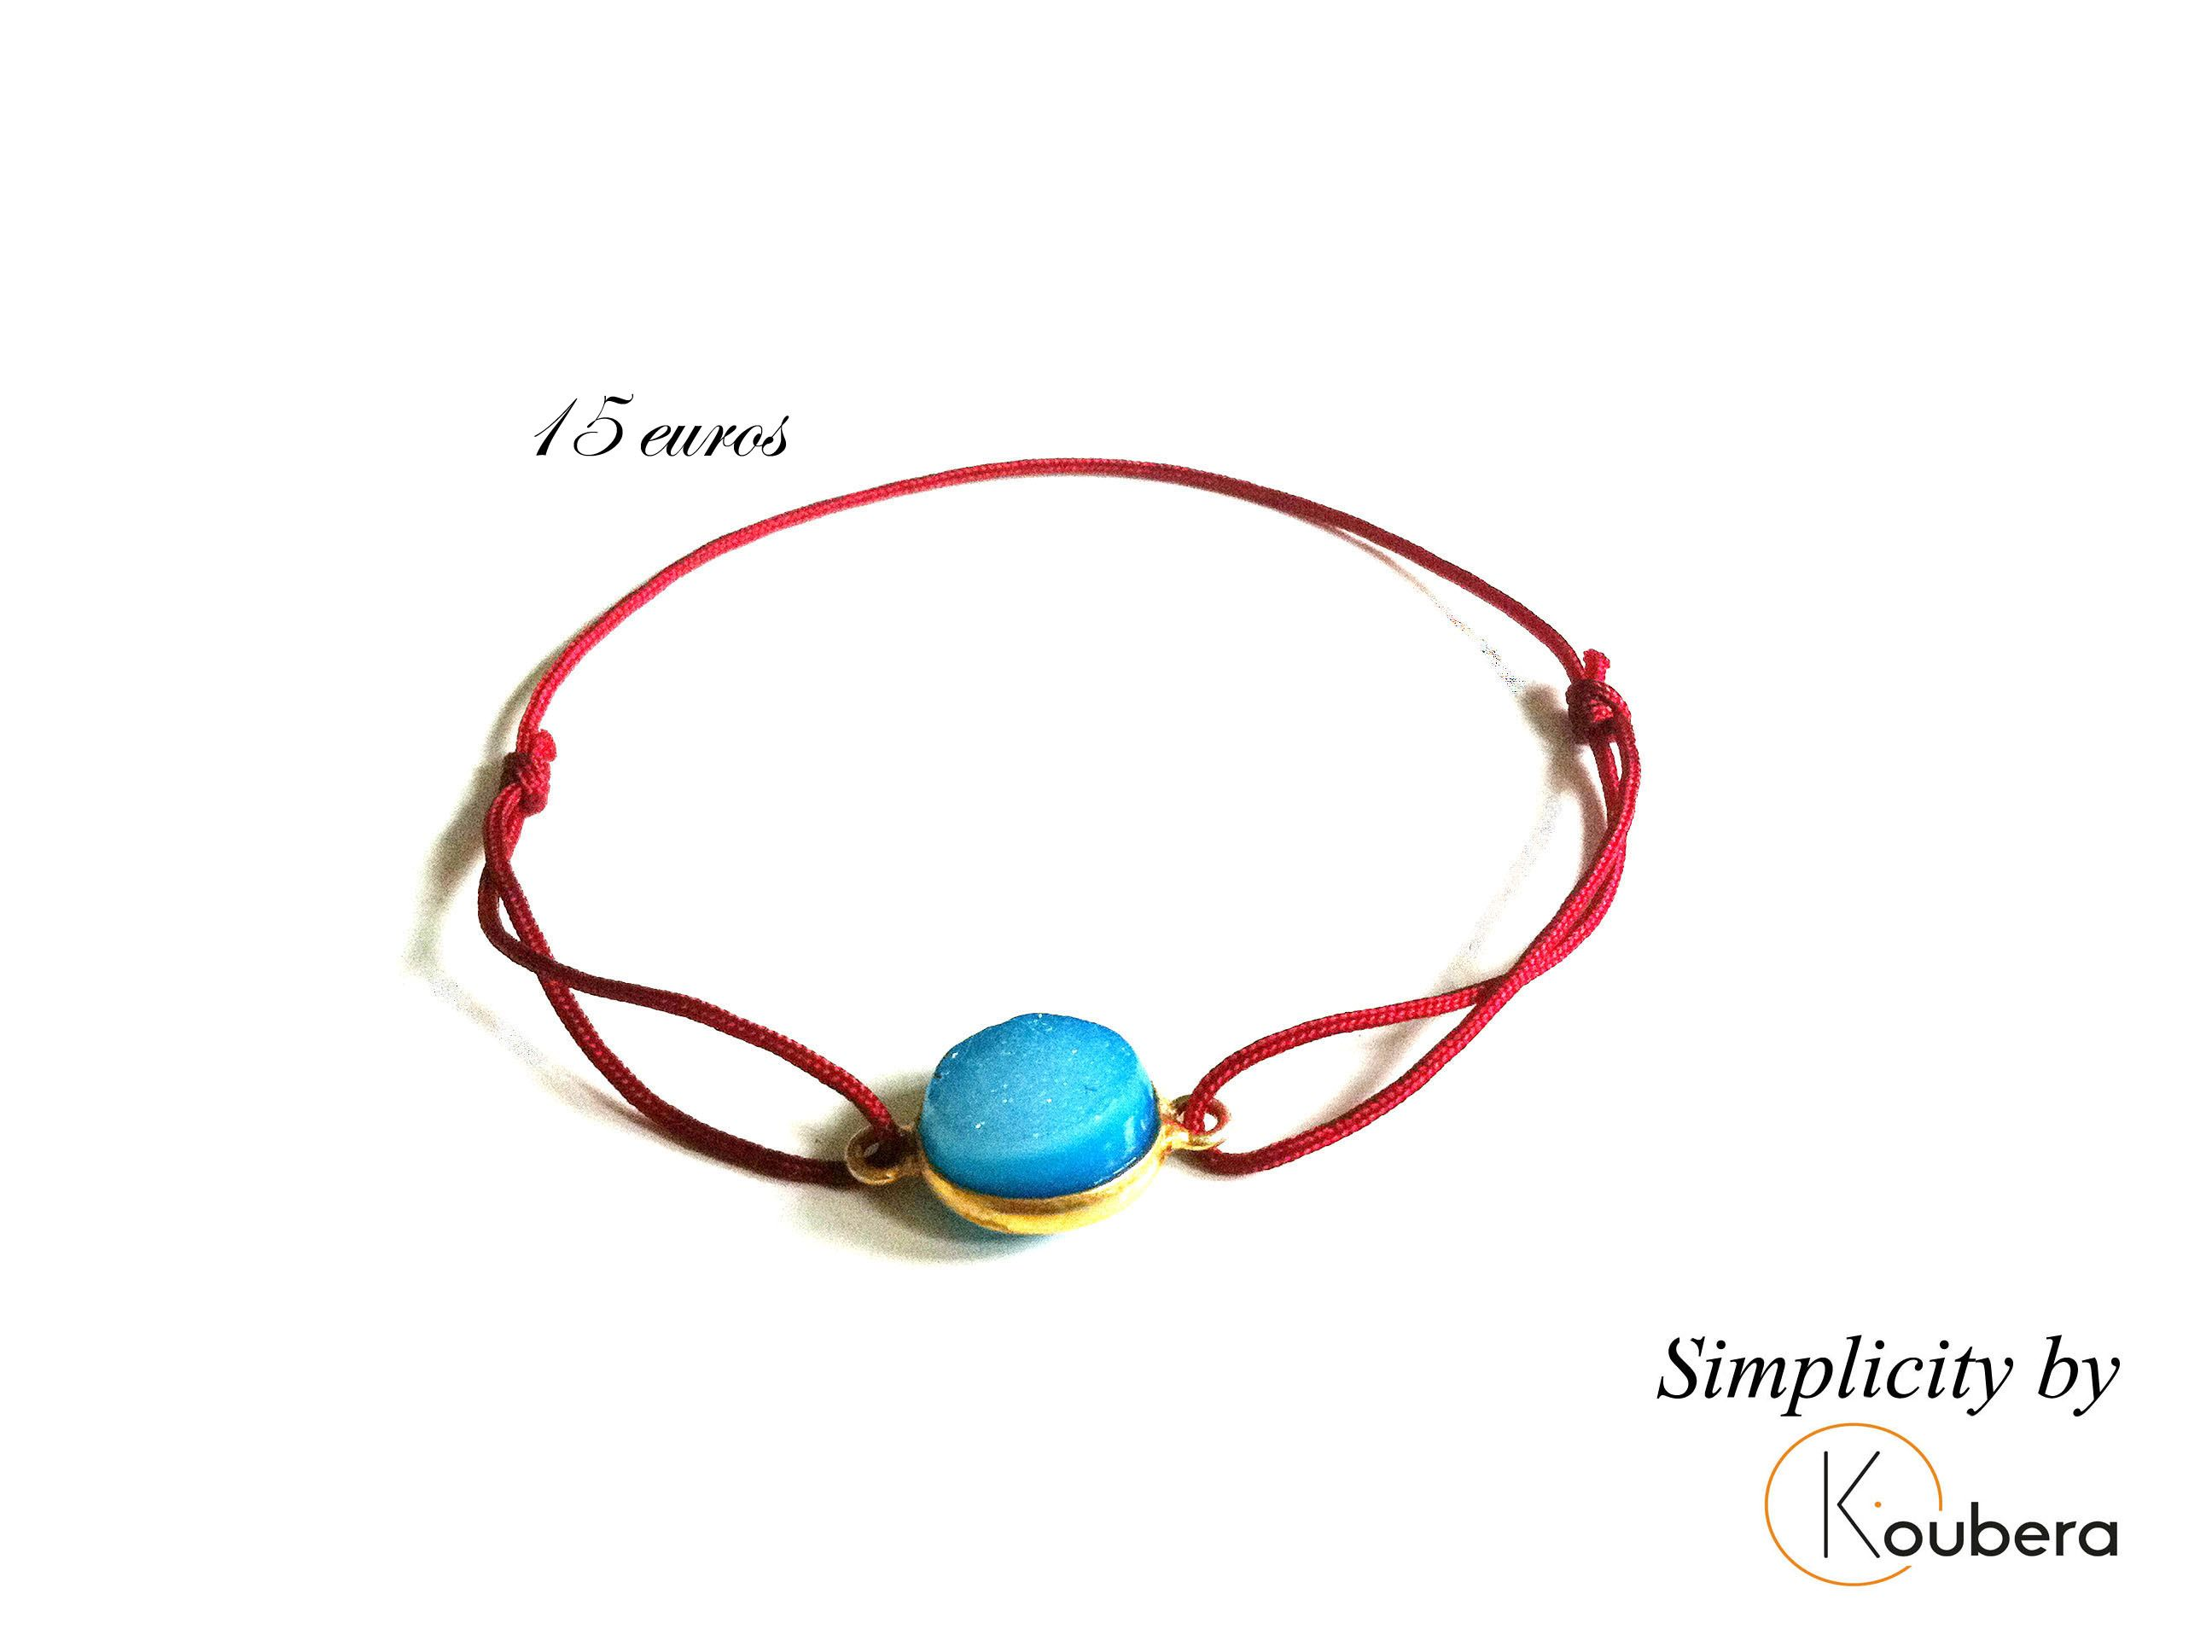 #koubera #accessoire de mode #bijoux #bracelet #pierre #plaque or #simplicity #mode #femme #2015